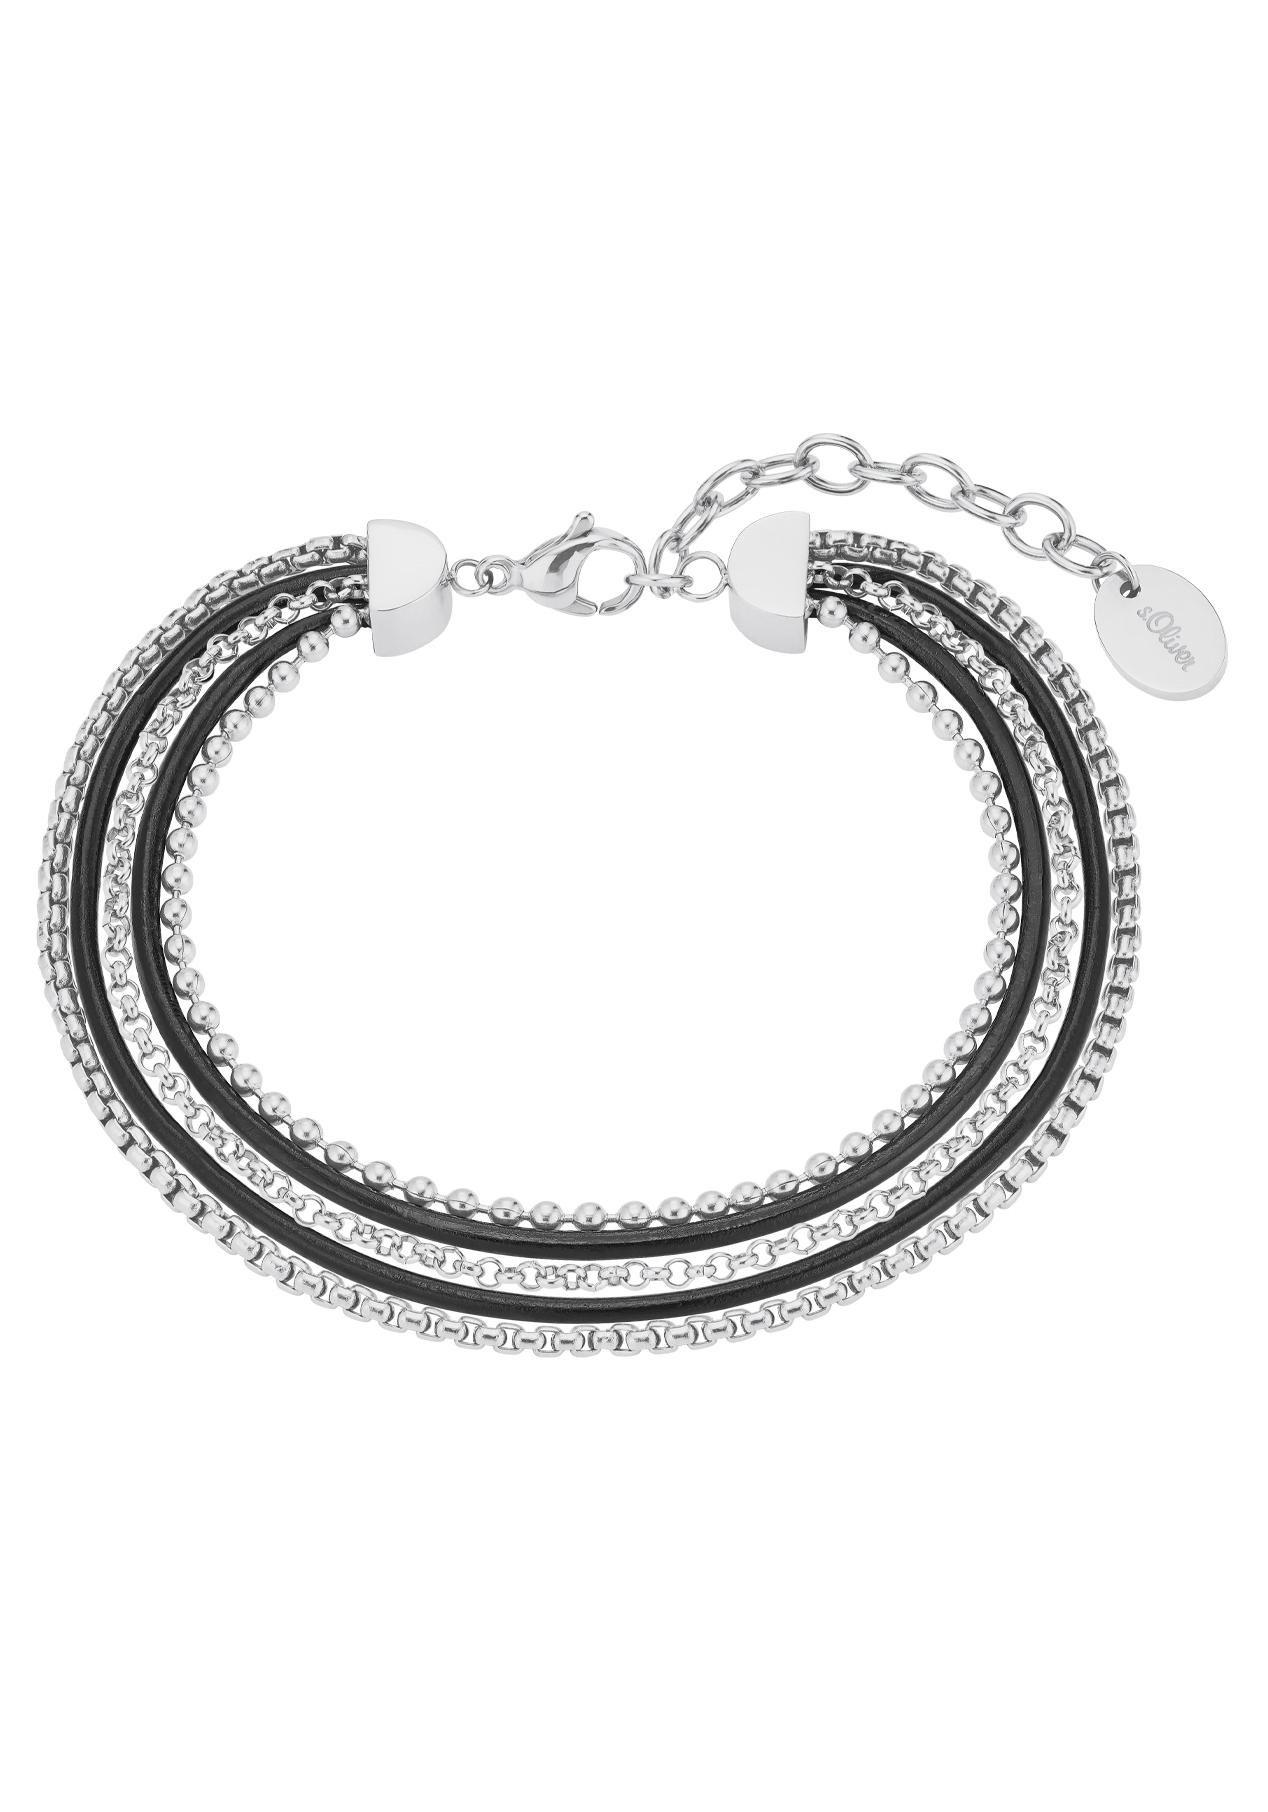 s.Oliver RED LABEL s.Oliver armband »Hoofdcollectie - Dog Tag, 2026188« nu online bestellen